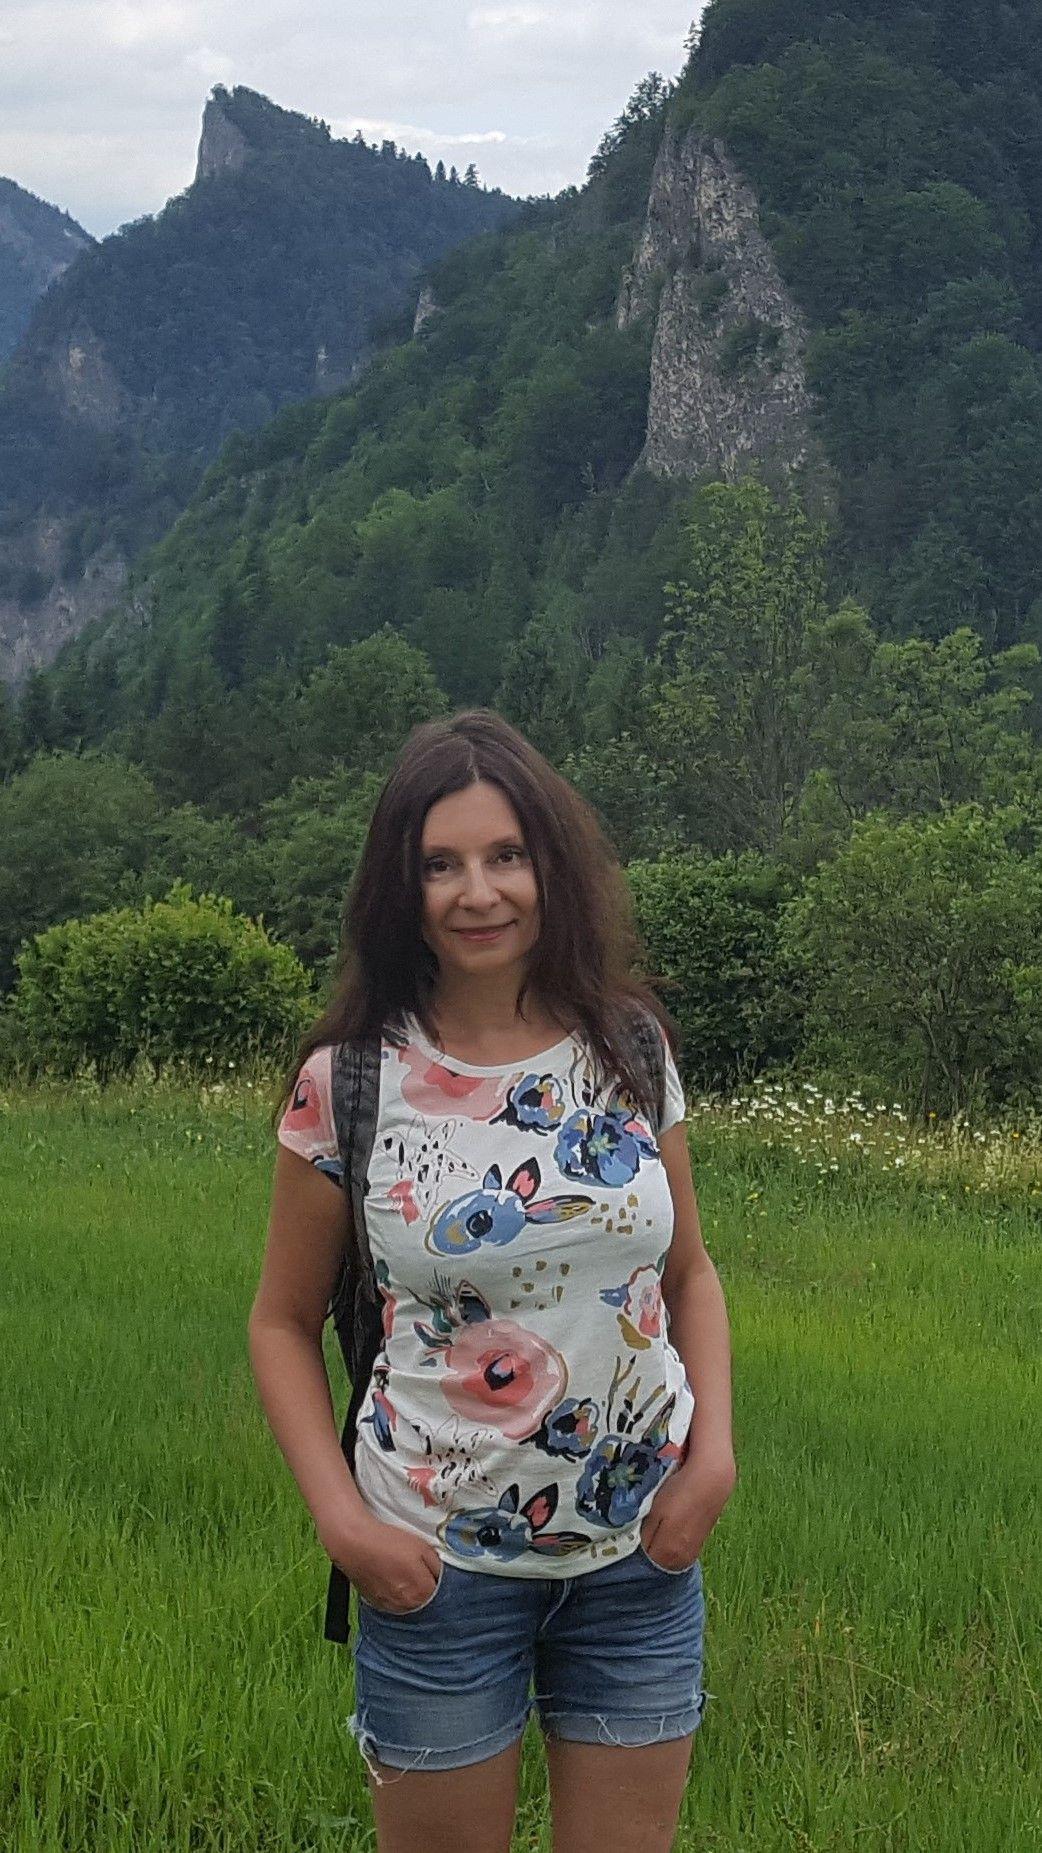 Renata Woś z Ząbek ma właśnie nawrót raka jajnika. Od kilku miesięcy kupuje lek, który w jej przypadku nie jest refundowany.